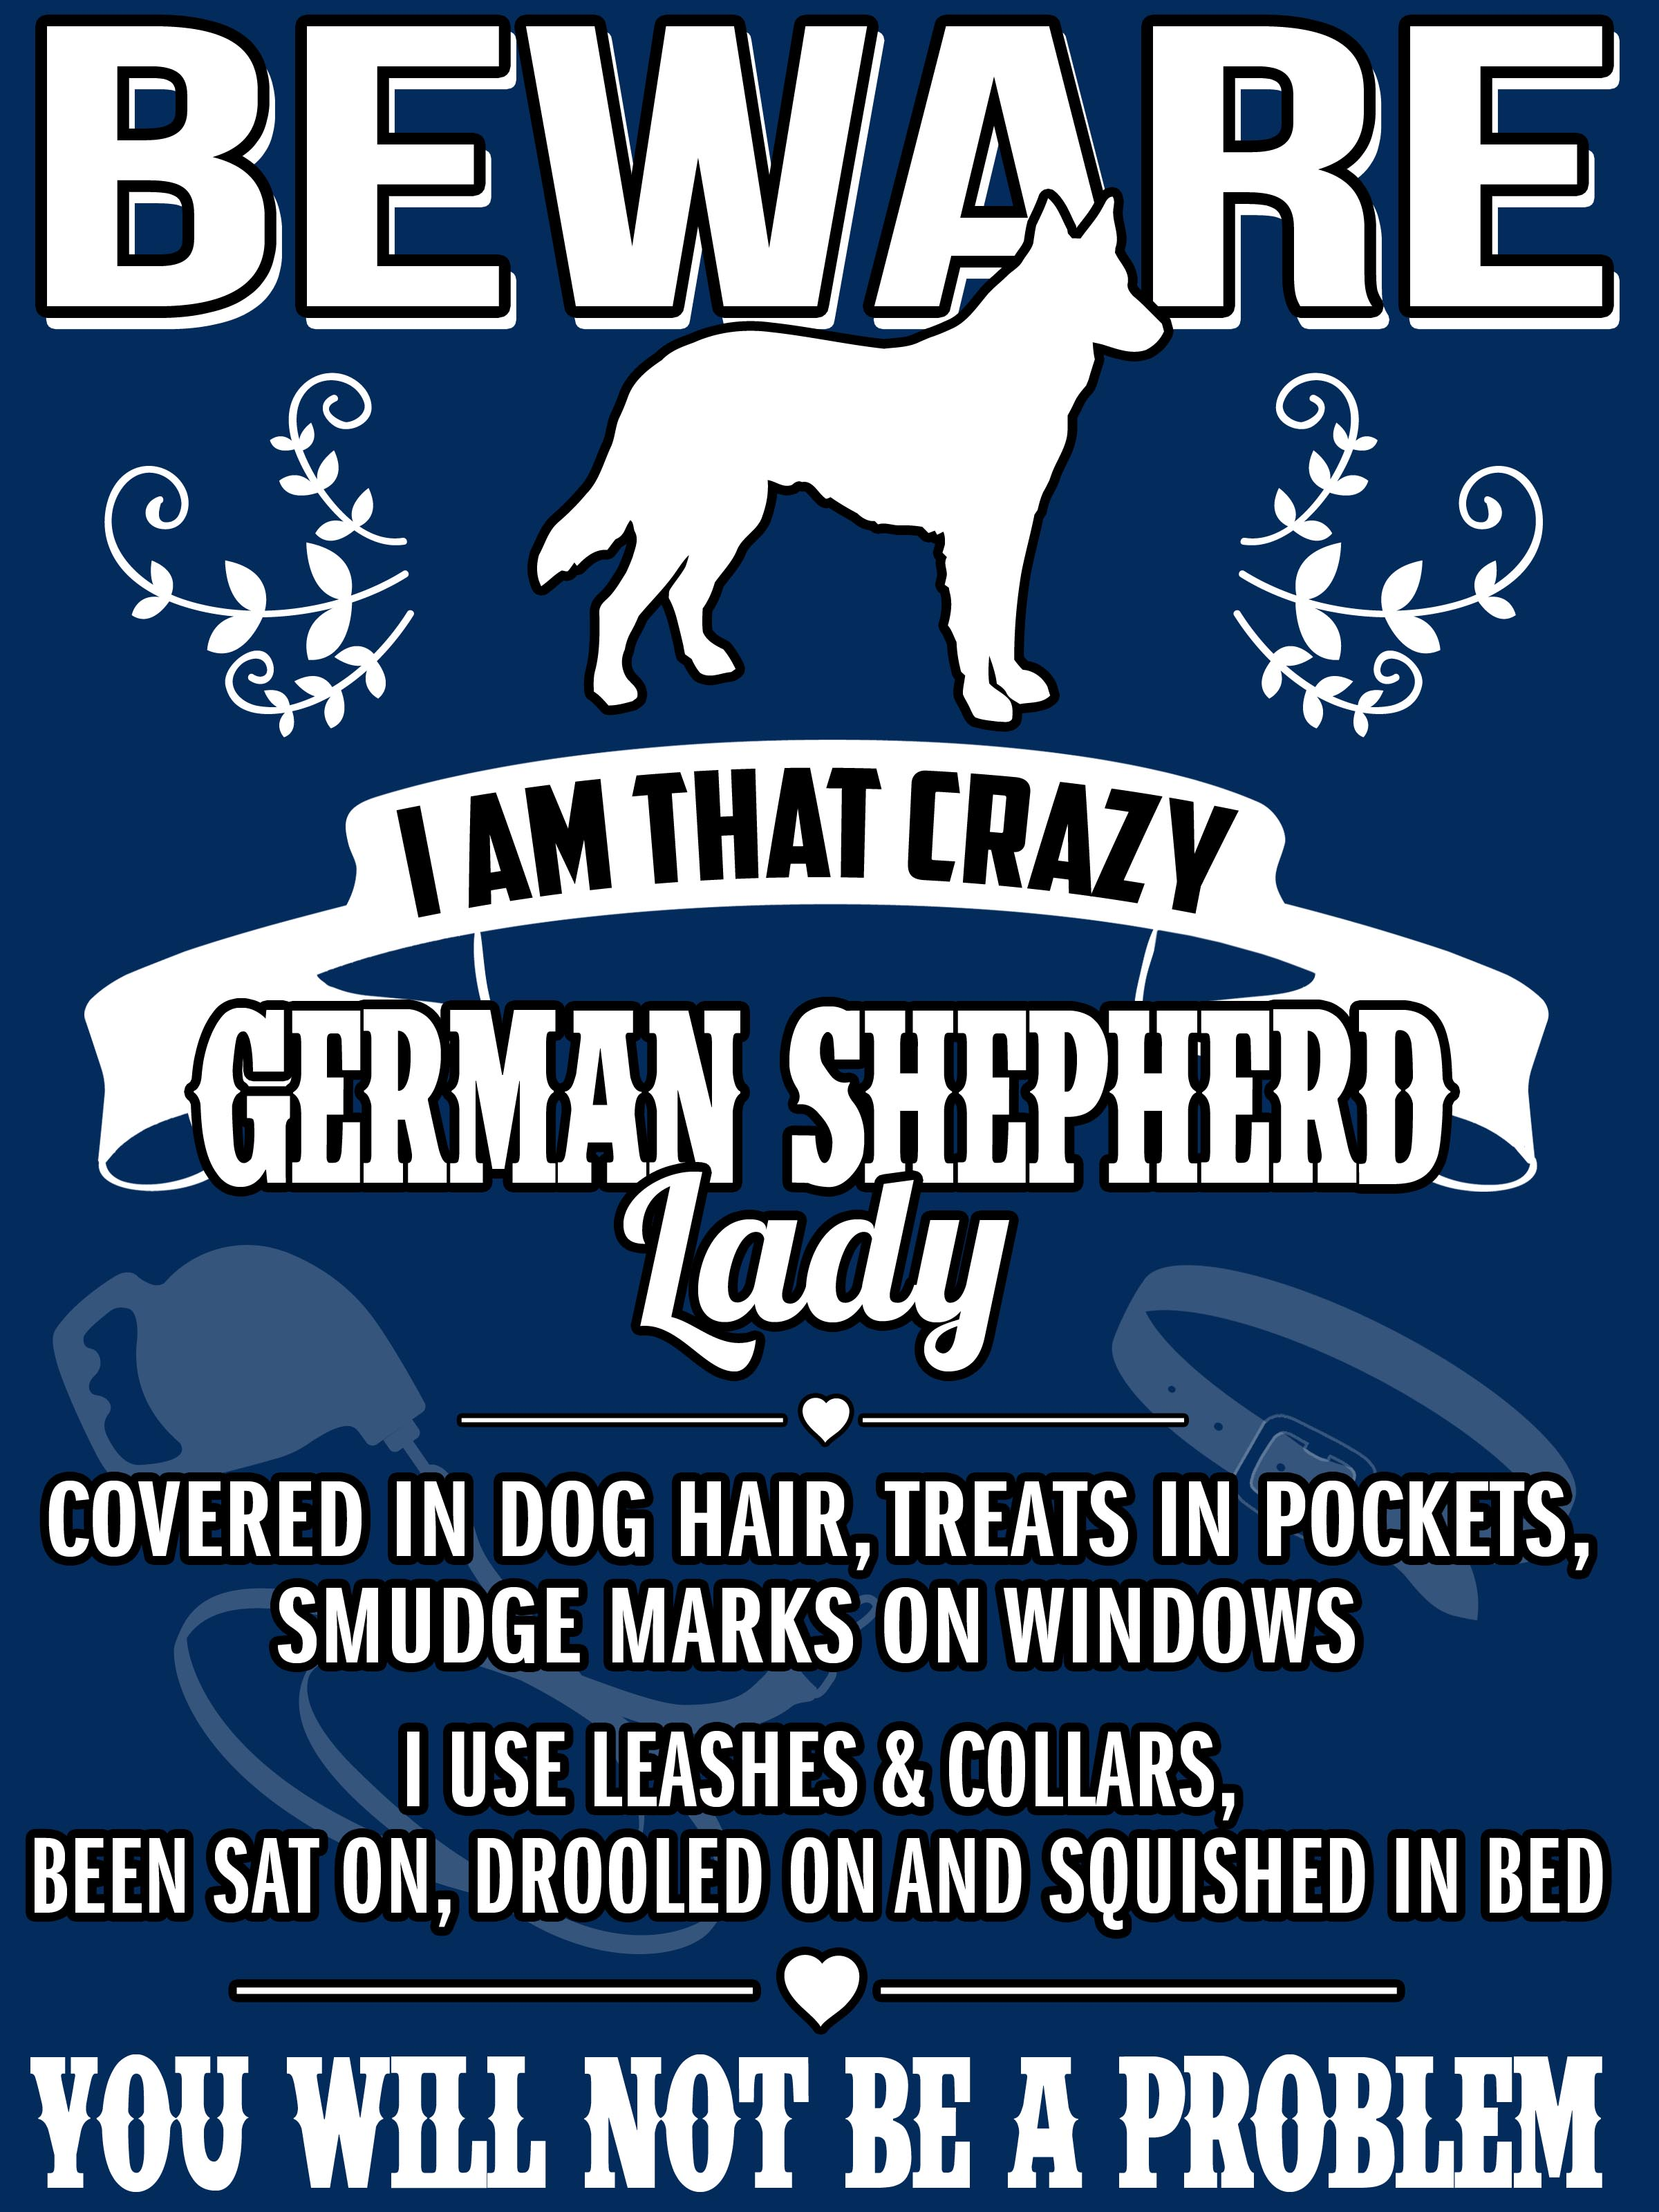 beware dog niche